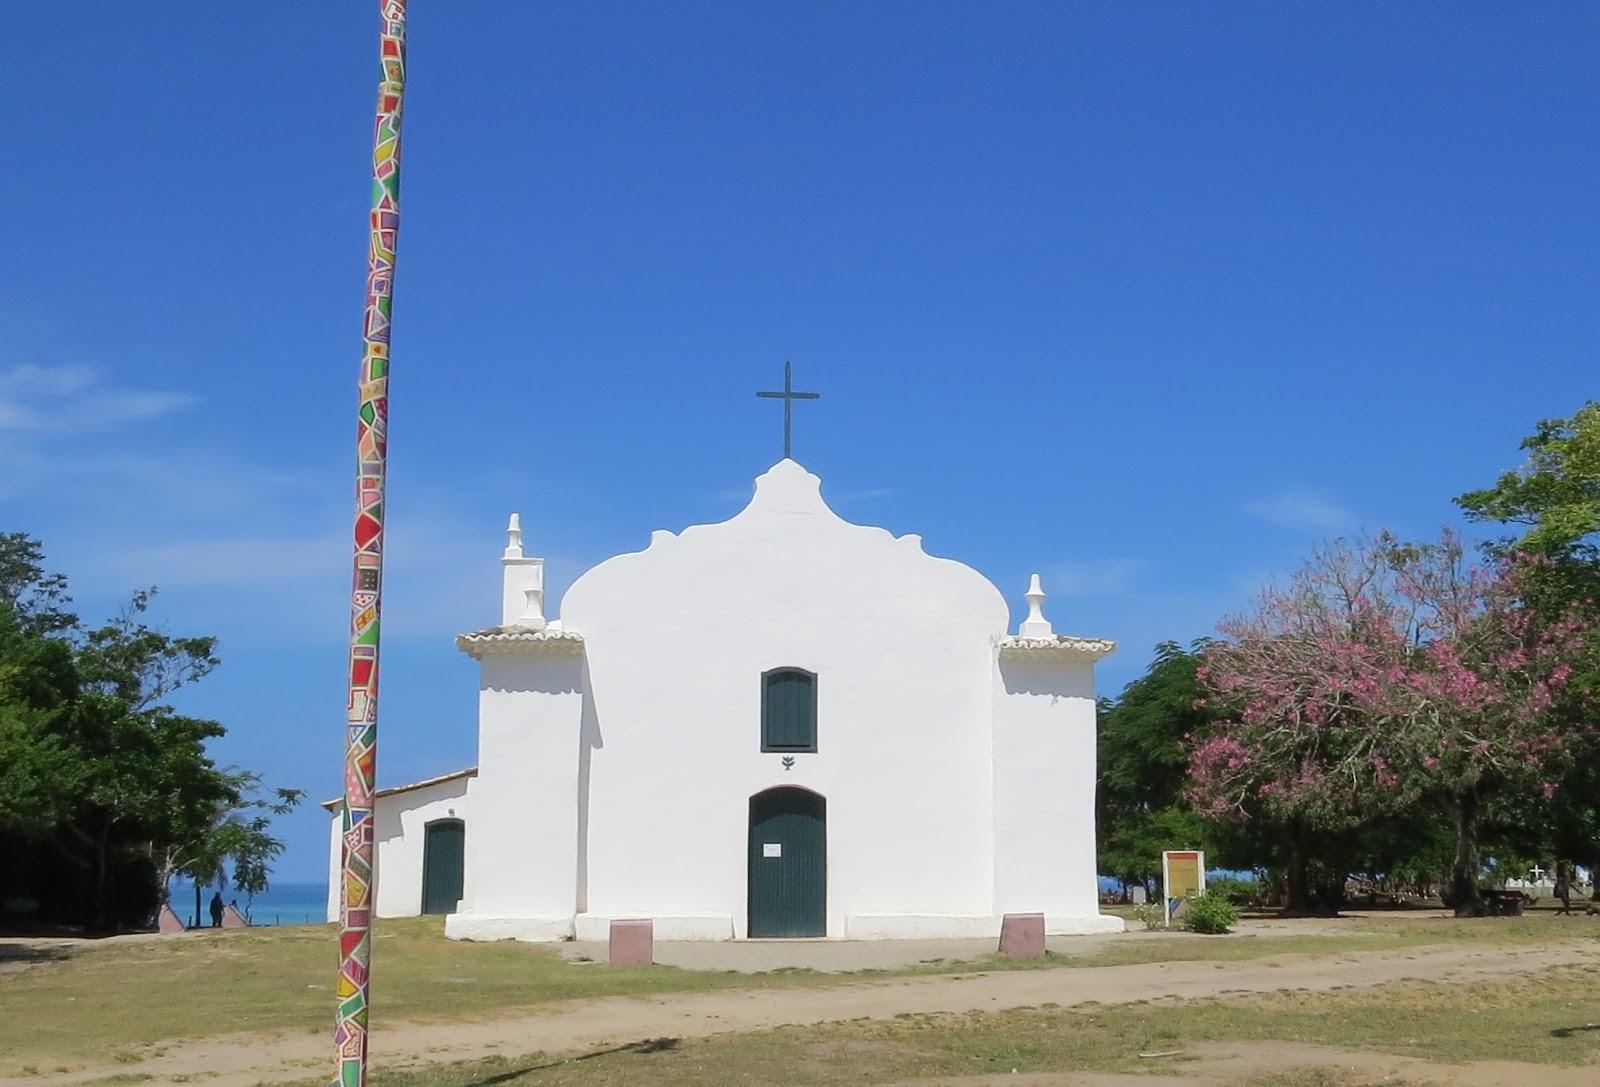 Igreja Quadrado Trancoso rota para praia do espelho